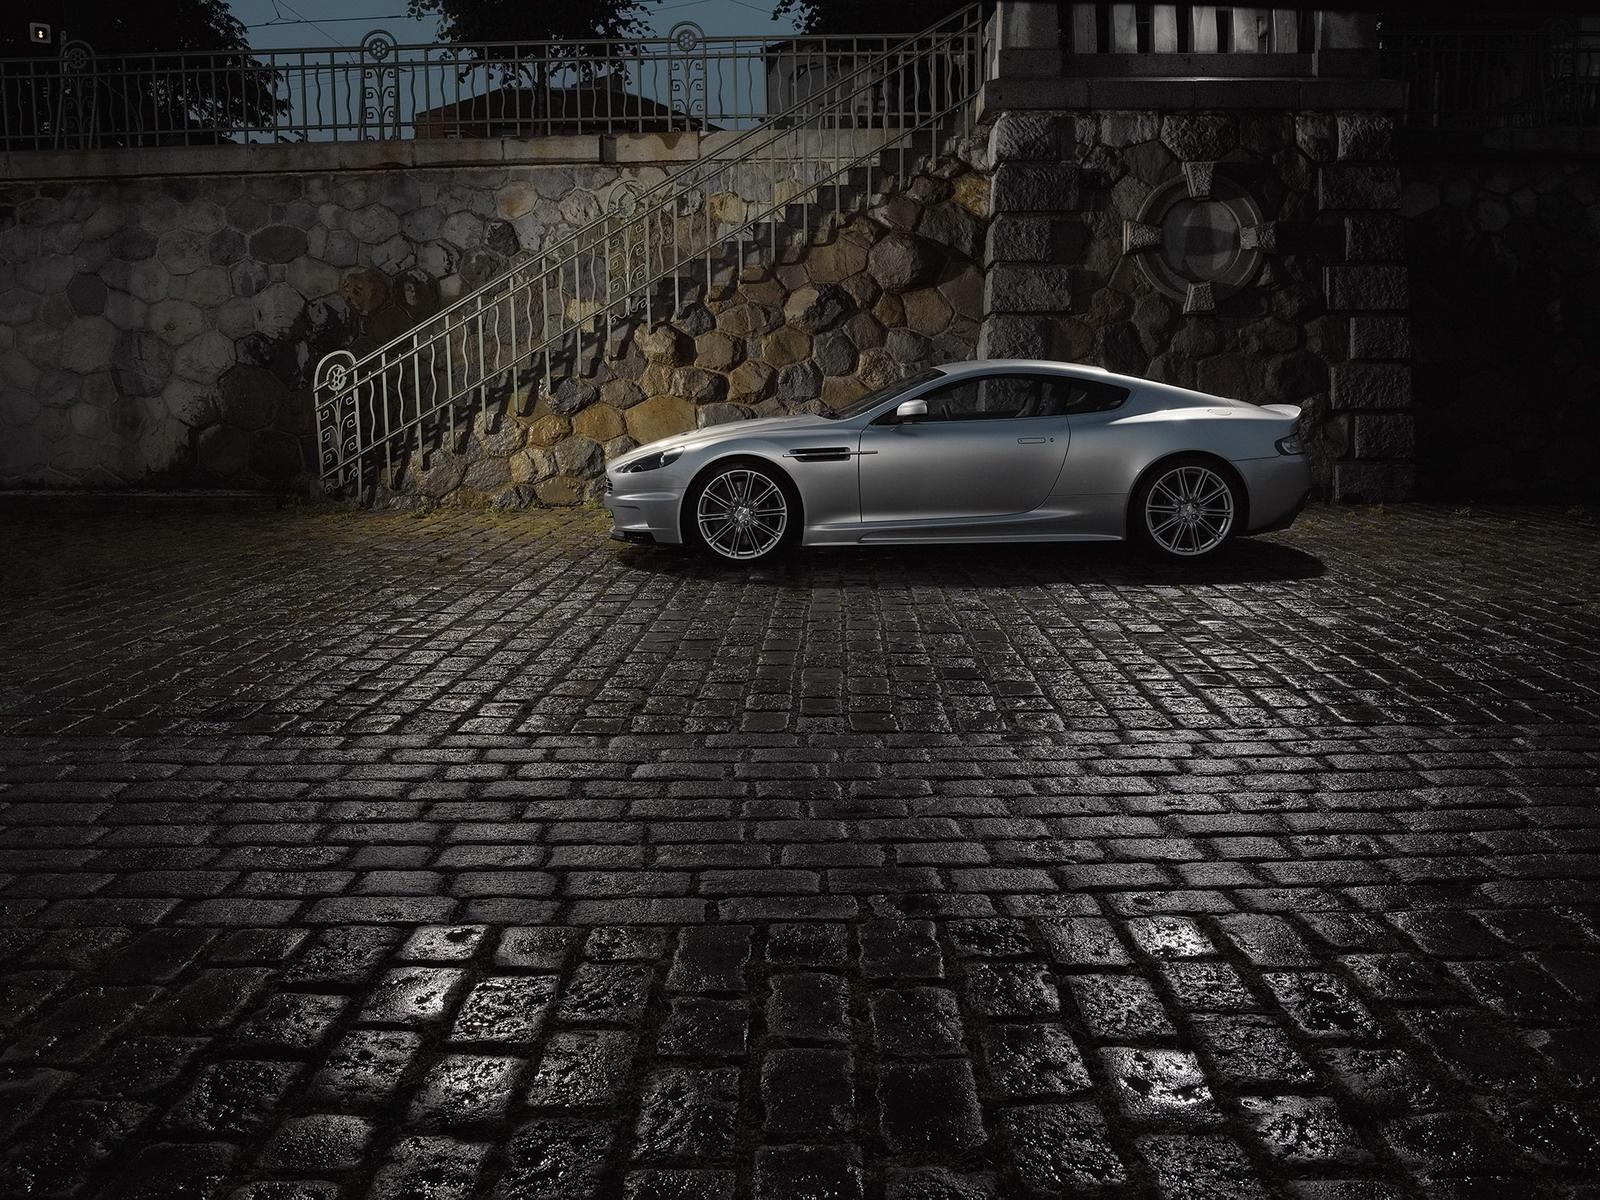 9618 скачать обои Транспорт, Машины, Астон Мартин (Aston Martin) - заставки и картинки бесплатно